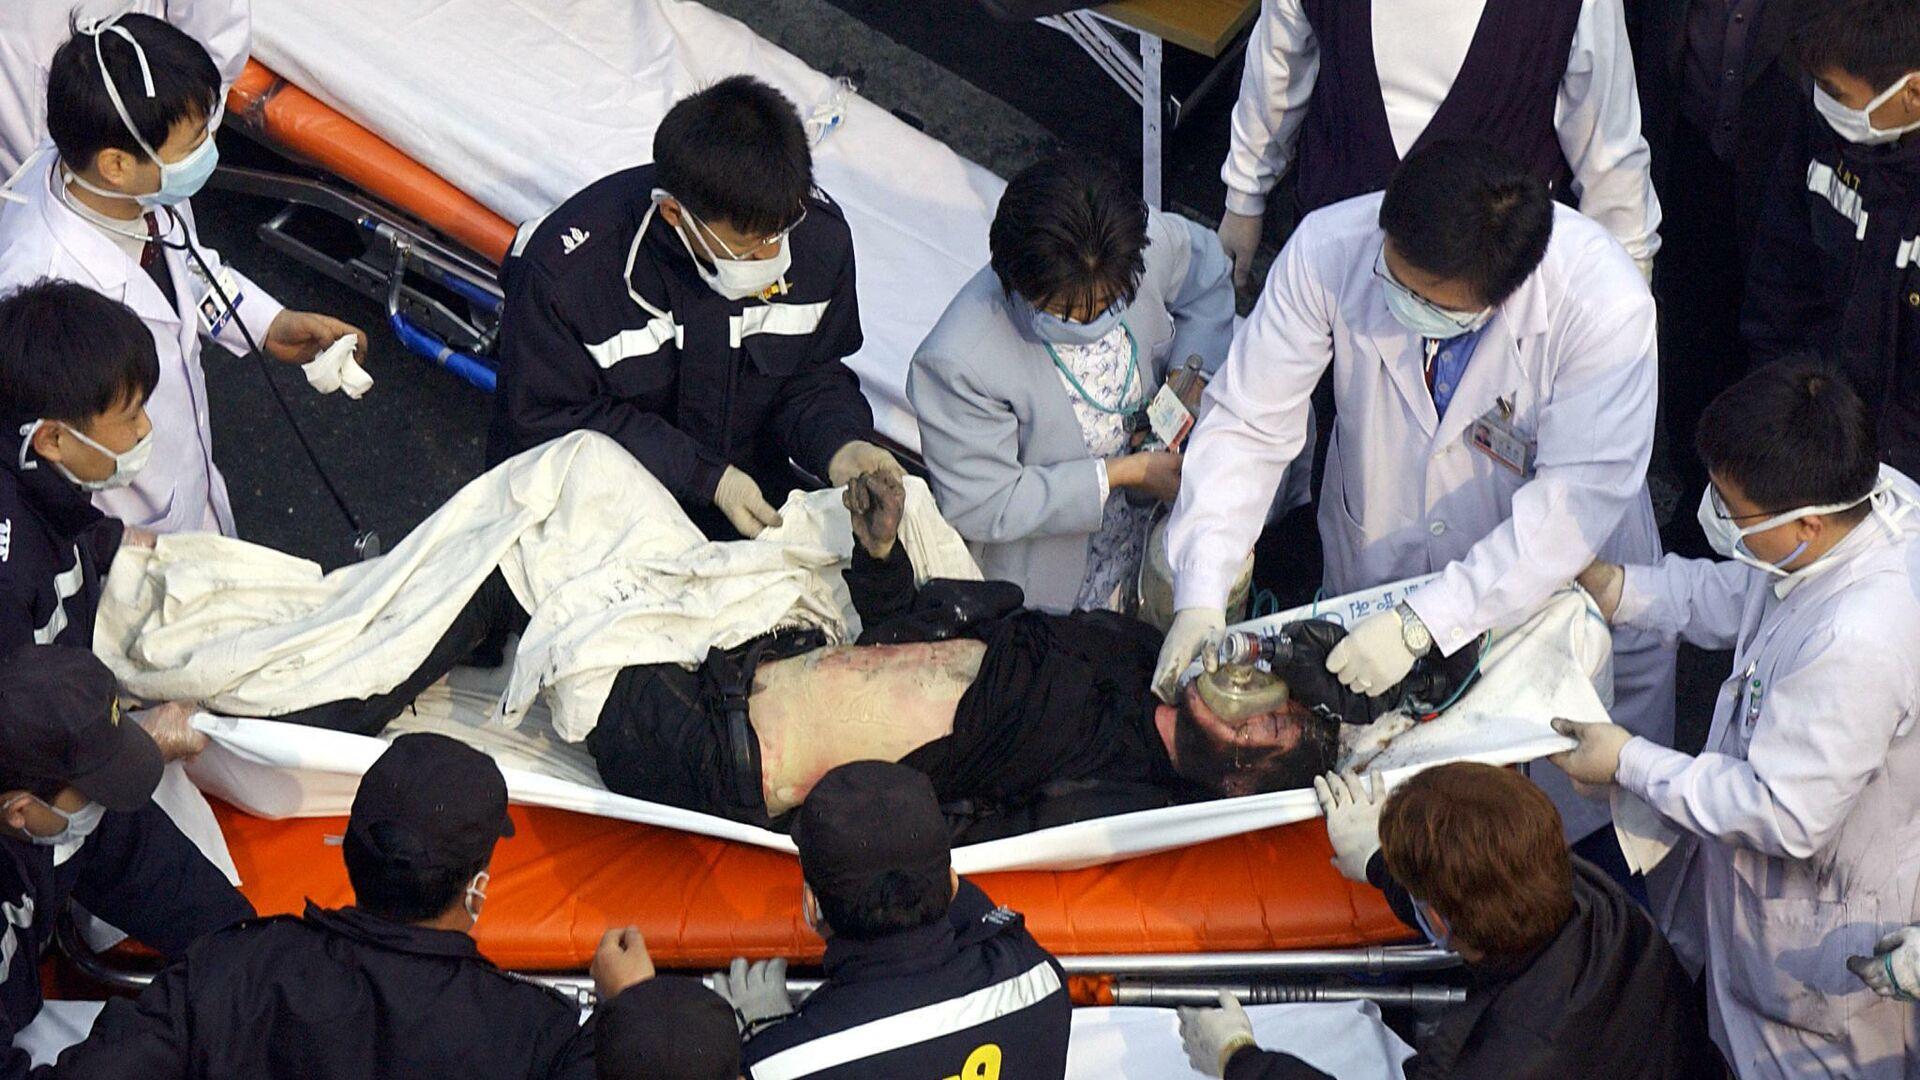 Un herido en el incendio en el metro de Daegu - Sputnik Mundo, 1920, 24.02.2021